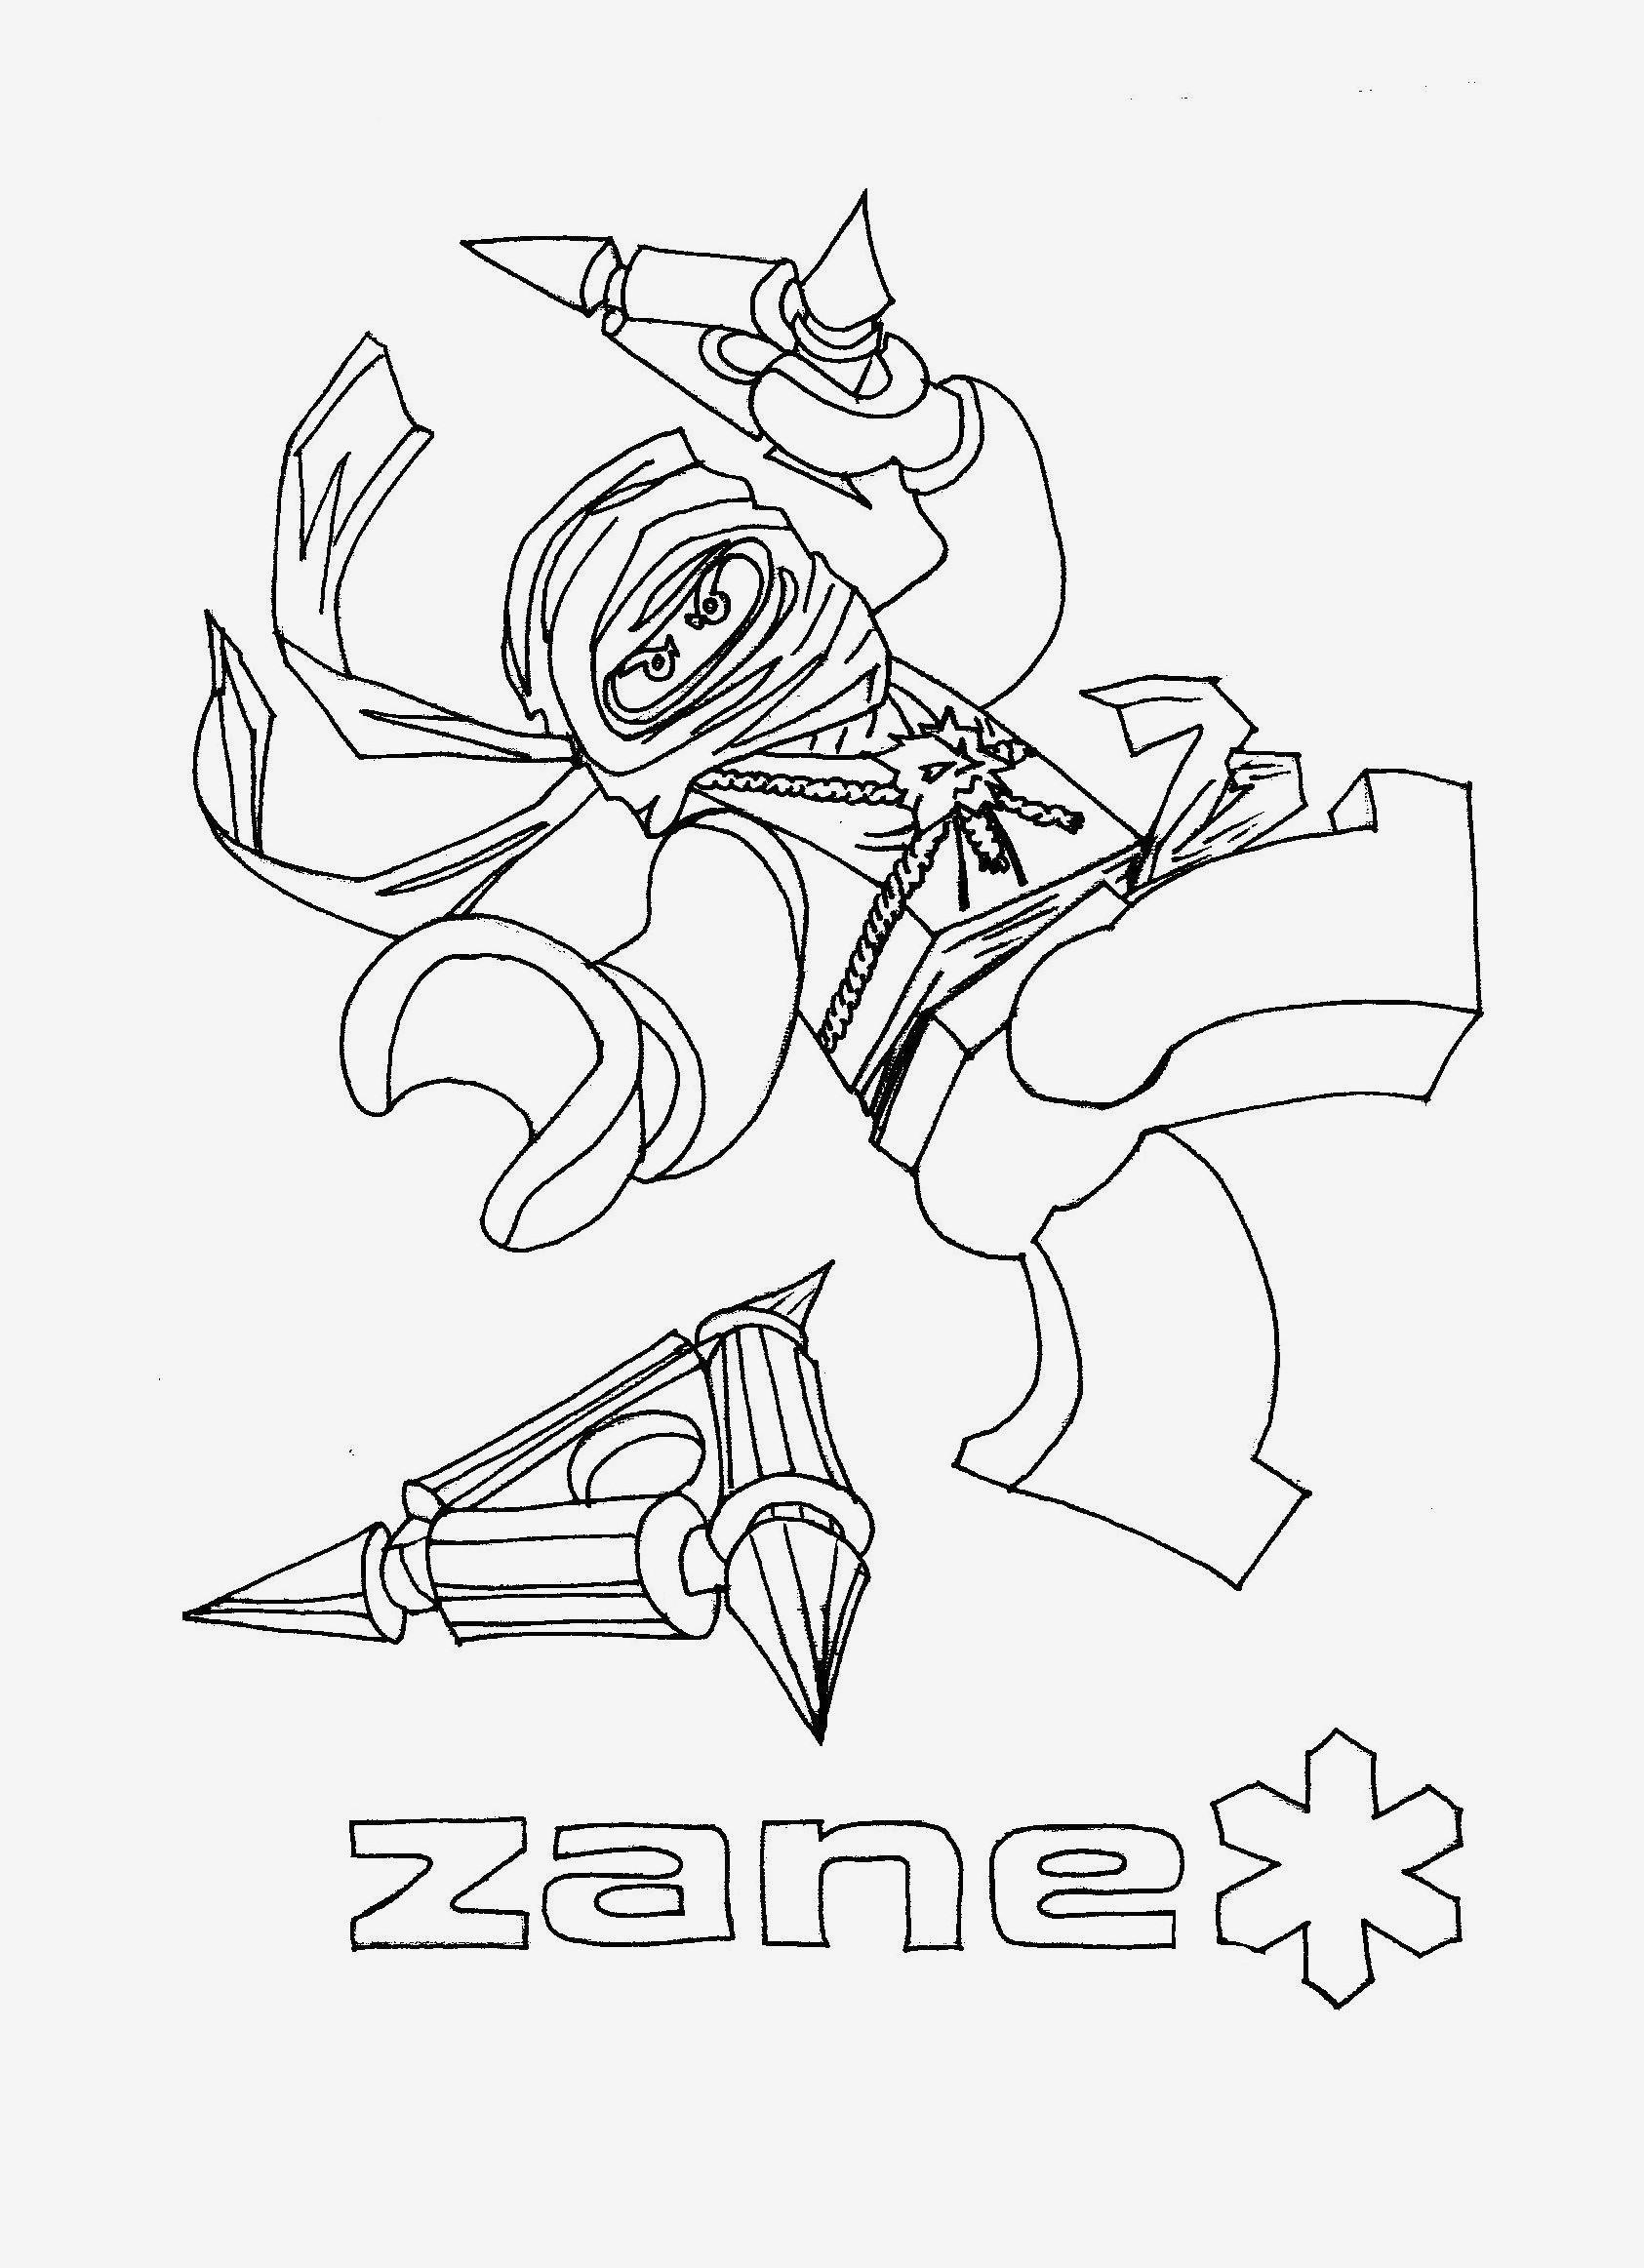 Ausmalbilder Ninjago Zane Einzigartig Ninjago Ausmalbilder Zum Ausdrucken Beispielbilder Färben Coloring Stock